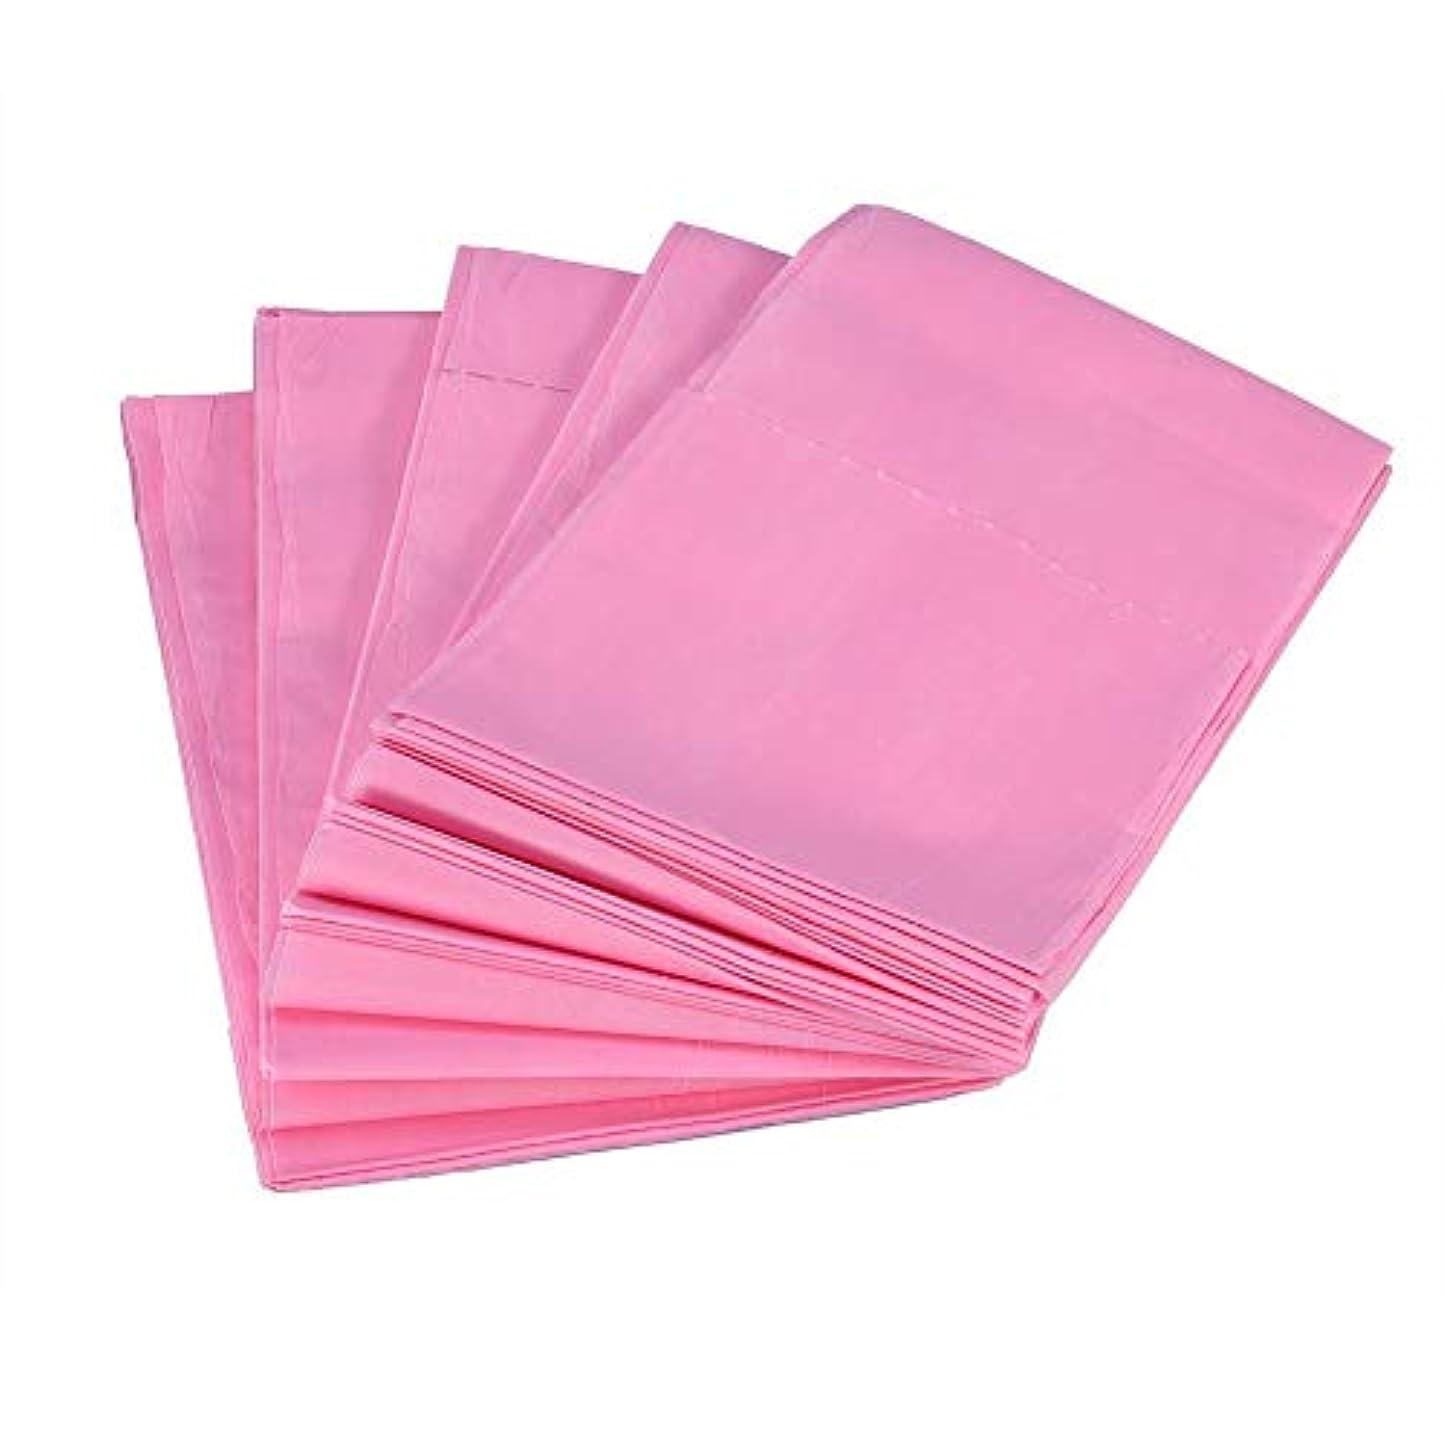 アプライアンスどのくらいの頻度で比較使い捨てベッドシーツ、10個175 x 75cm不織布使い捨て防水シーツマッサージビューティーカバー(ピンク)